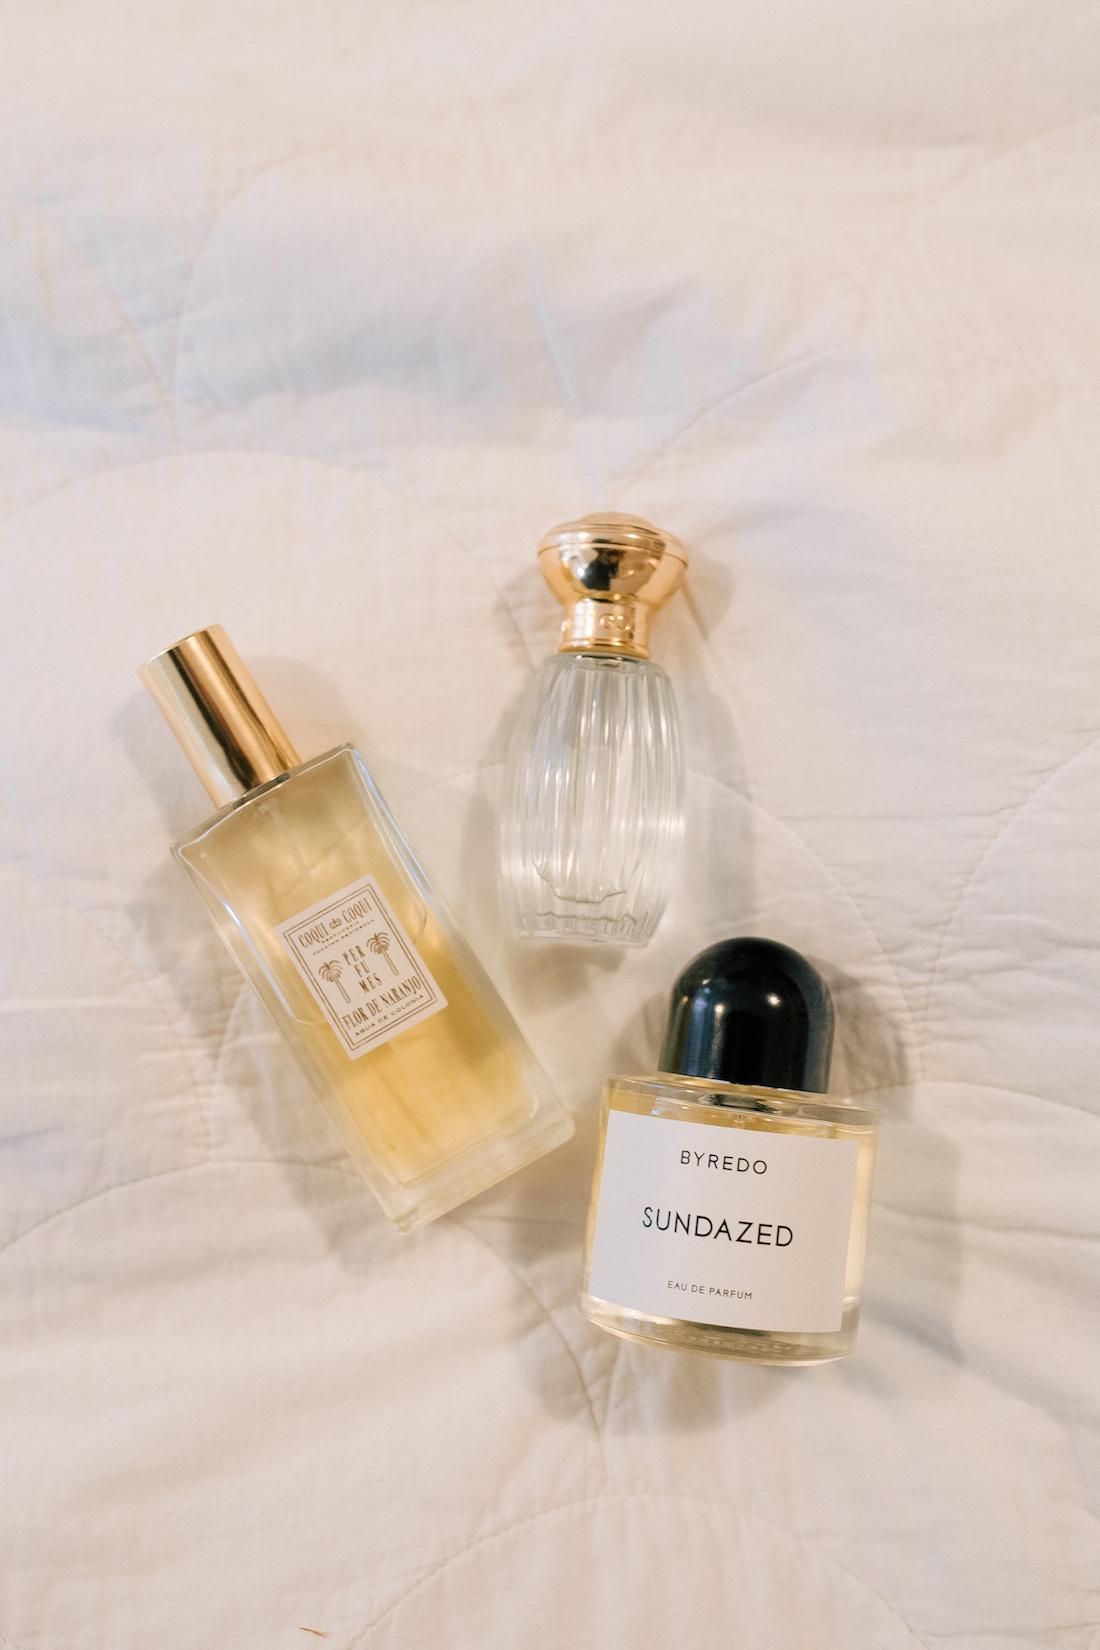 3 of my favorite spring fragrances: Byredo Sundazed, Coqui Coqui Orange Blossom, Goutal Petite Cherie